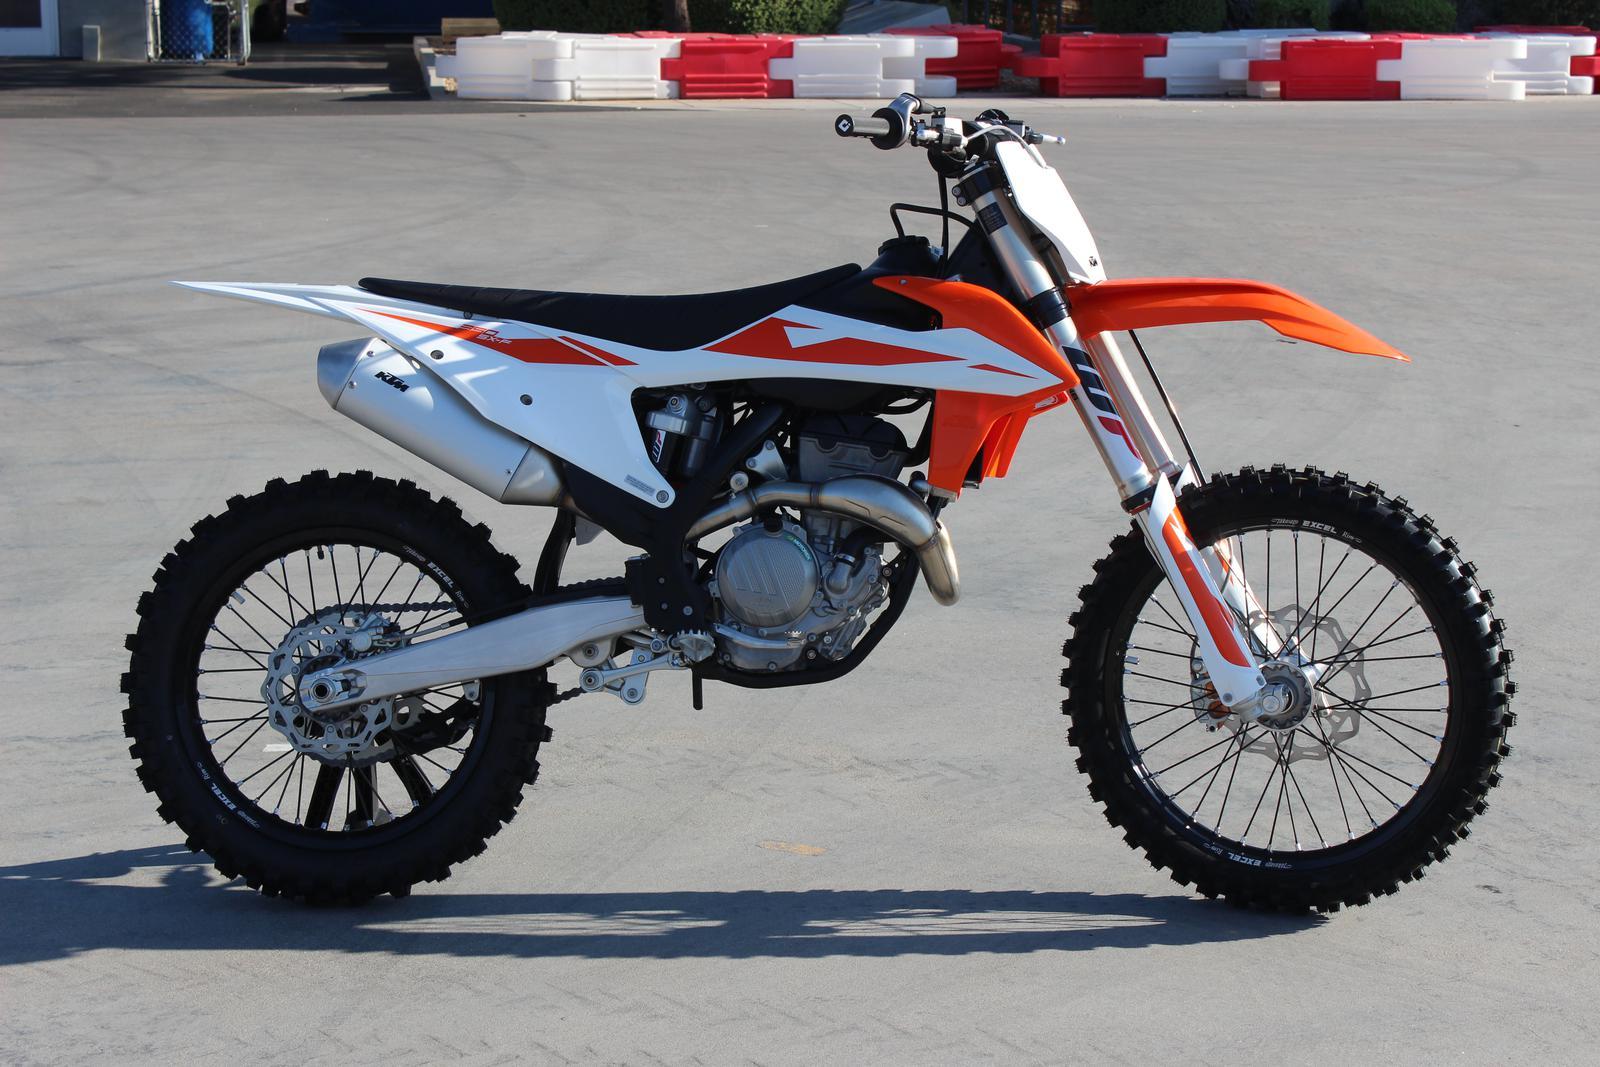 2019 KTM 350 SX-F for sale in Scottsdale, AZ   GO AZ